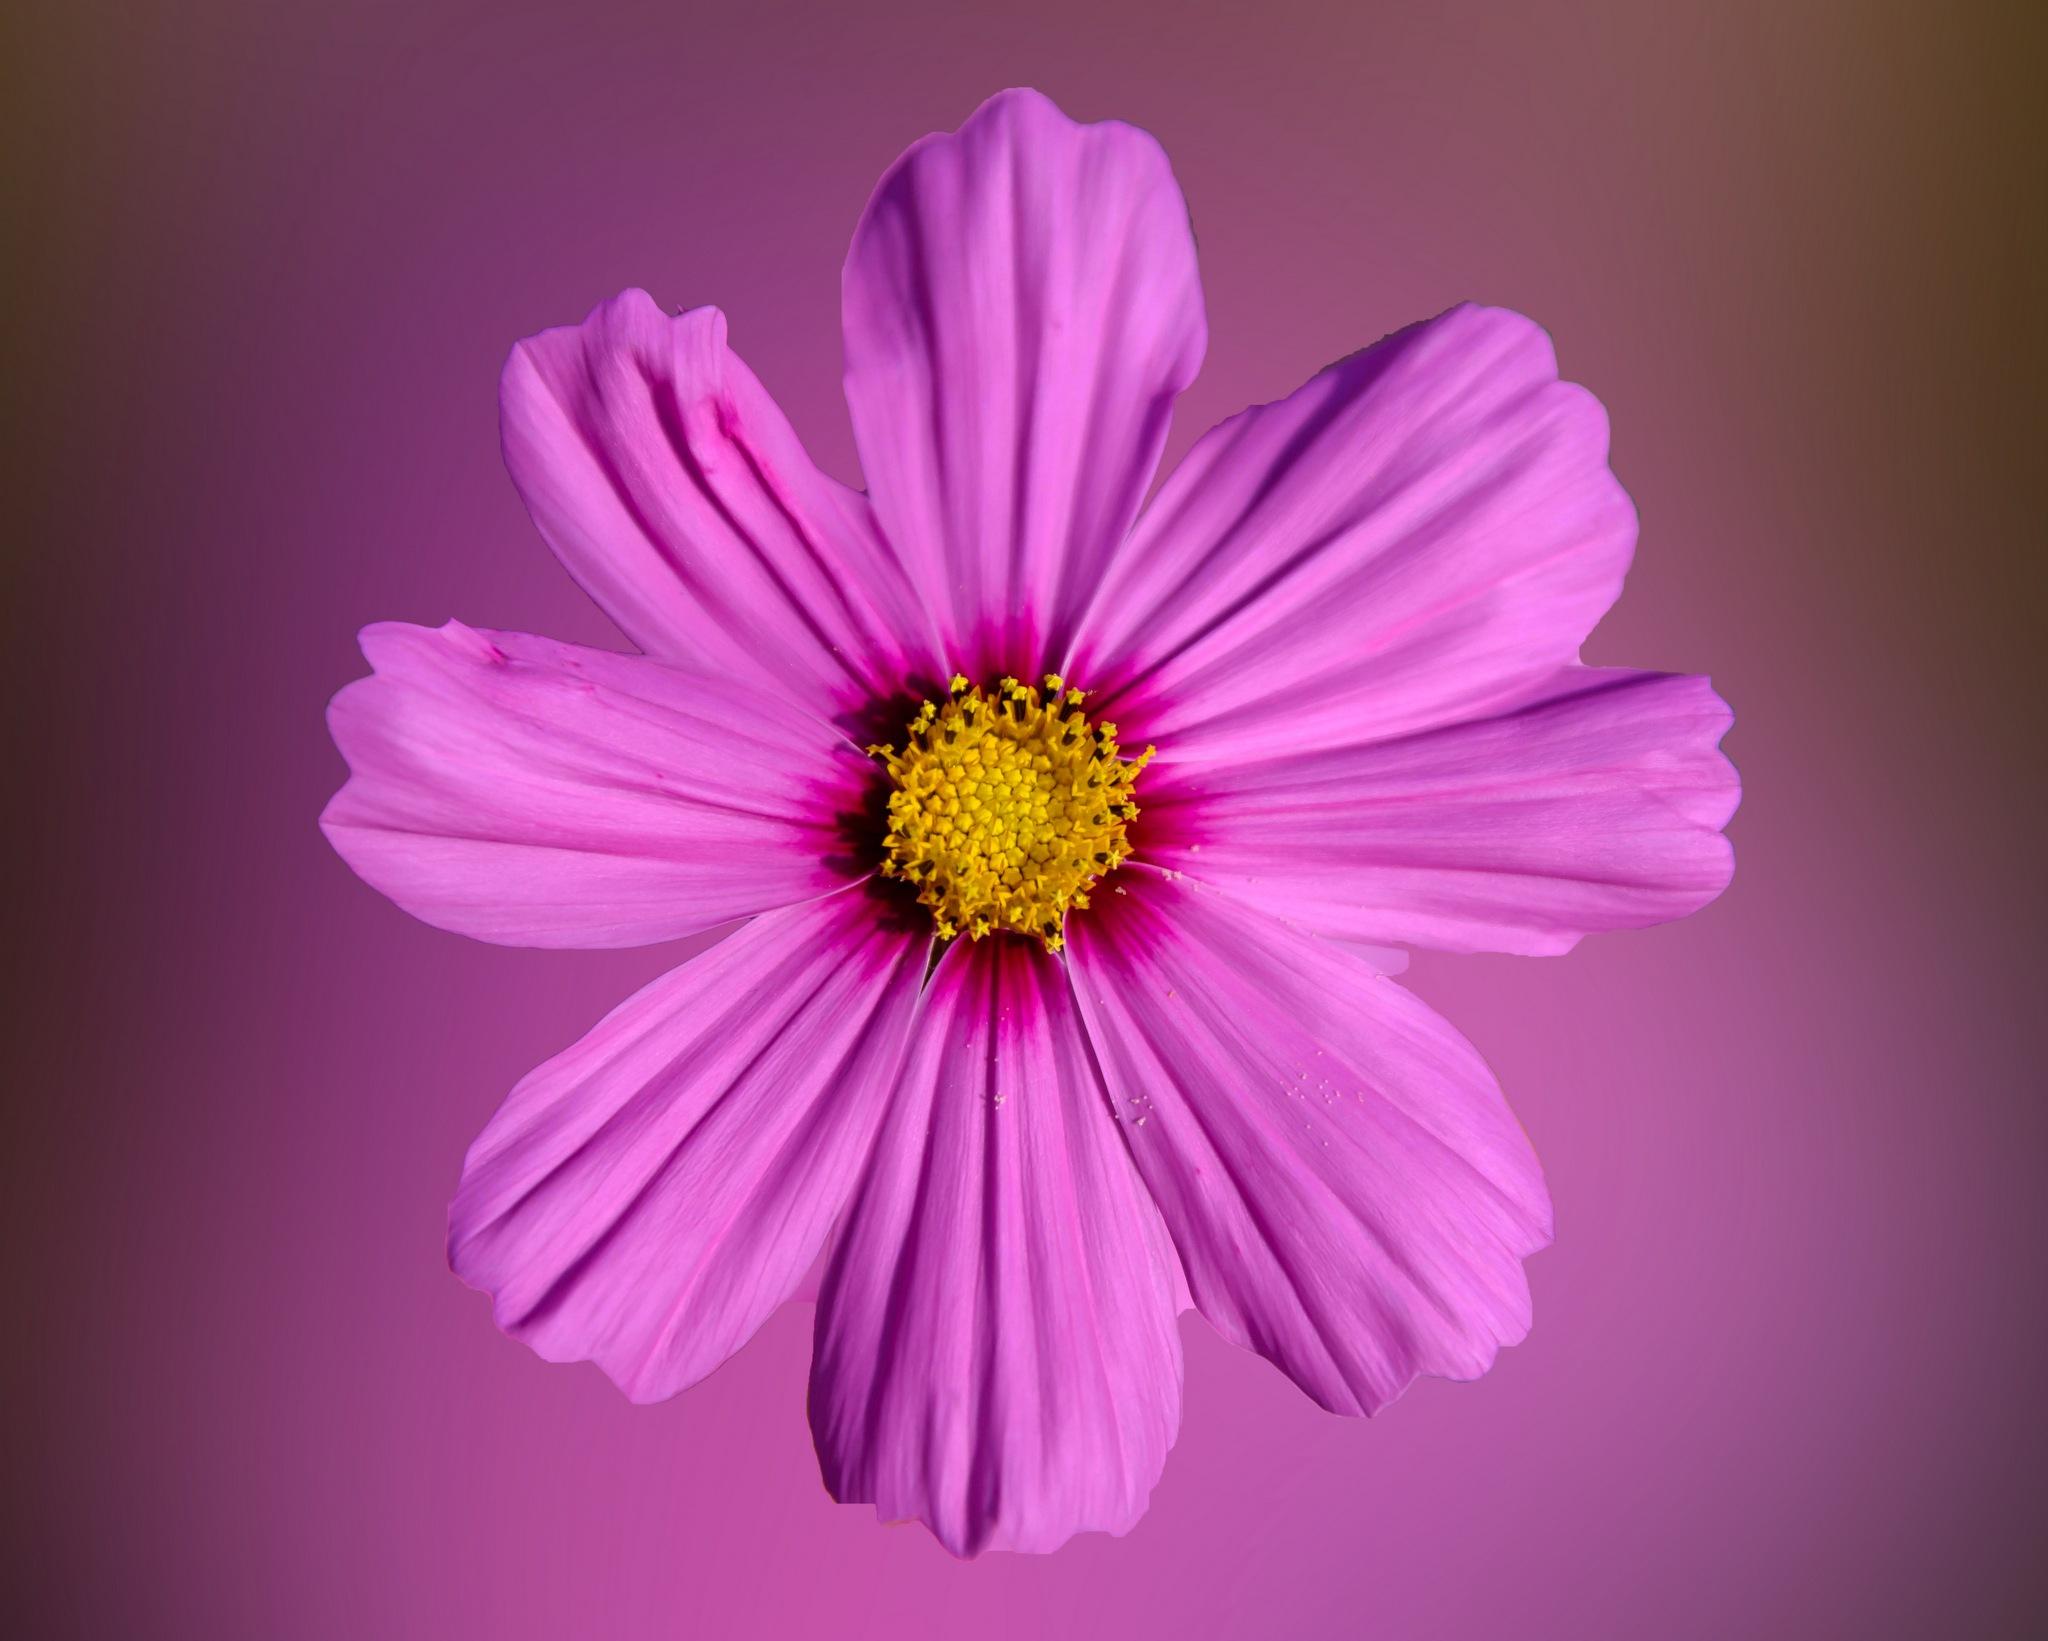 Pink beauty. by Stamatis Vlahos